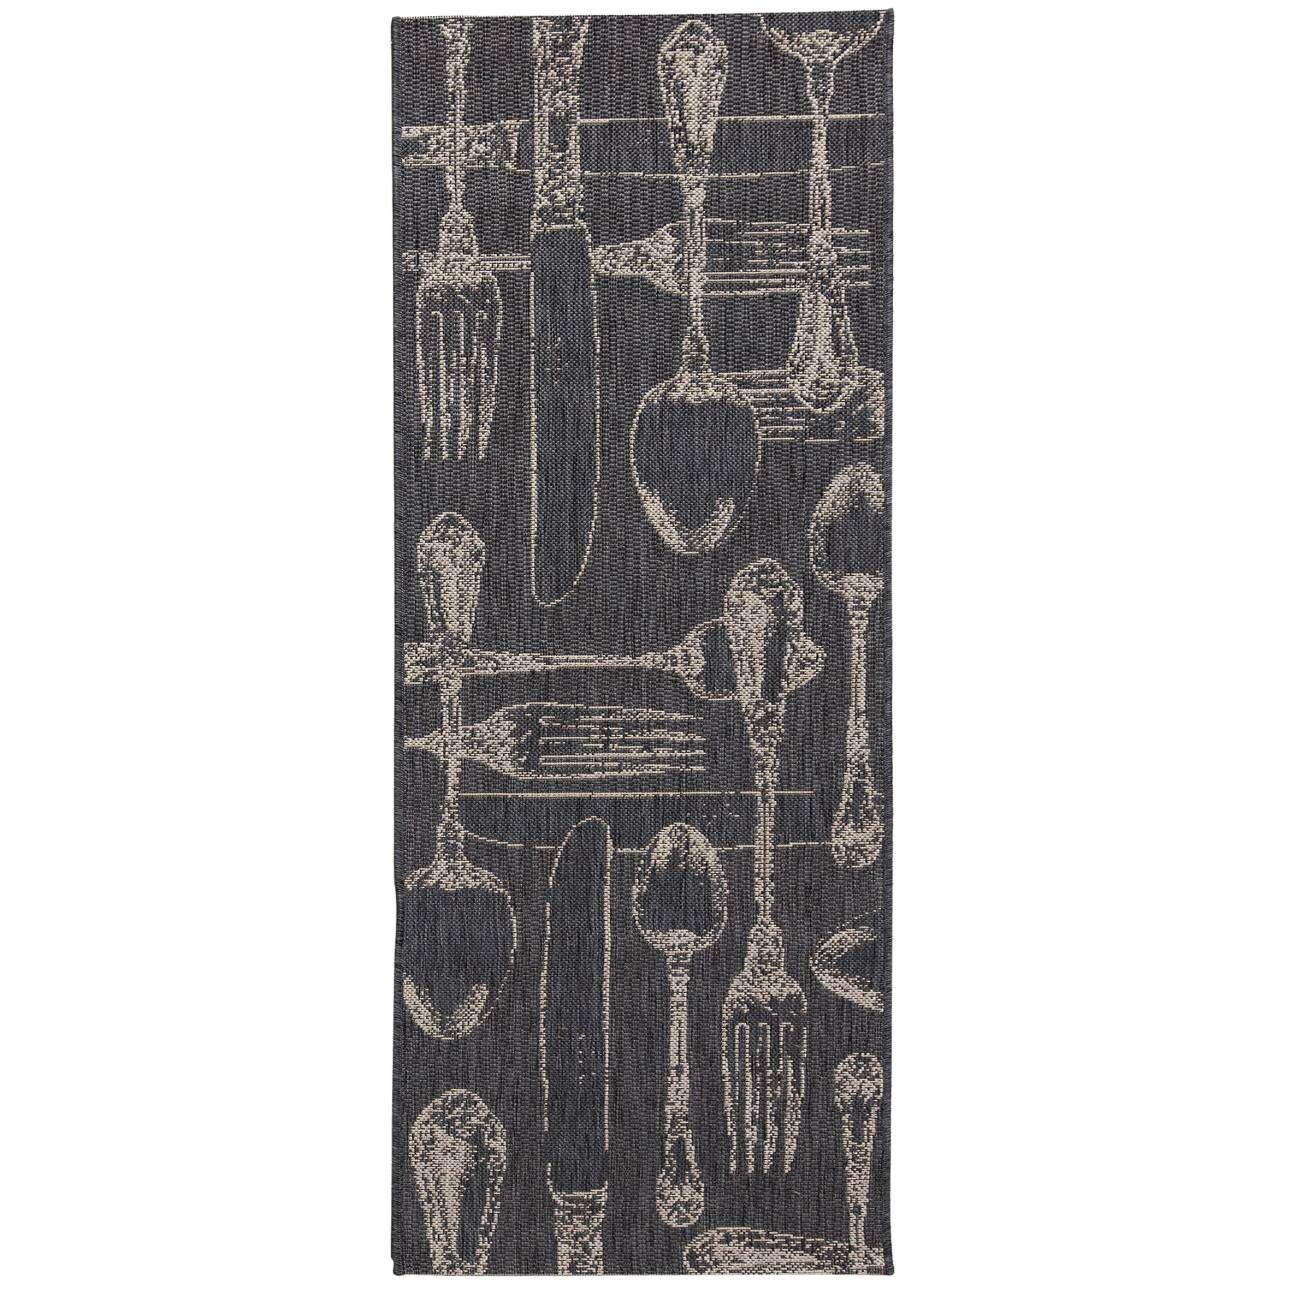 Küchenläufer Cottage Cutlery antracite/ sand 60x180cm